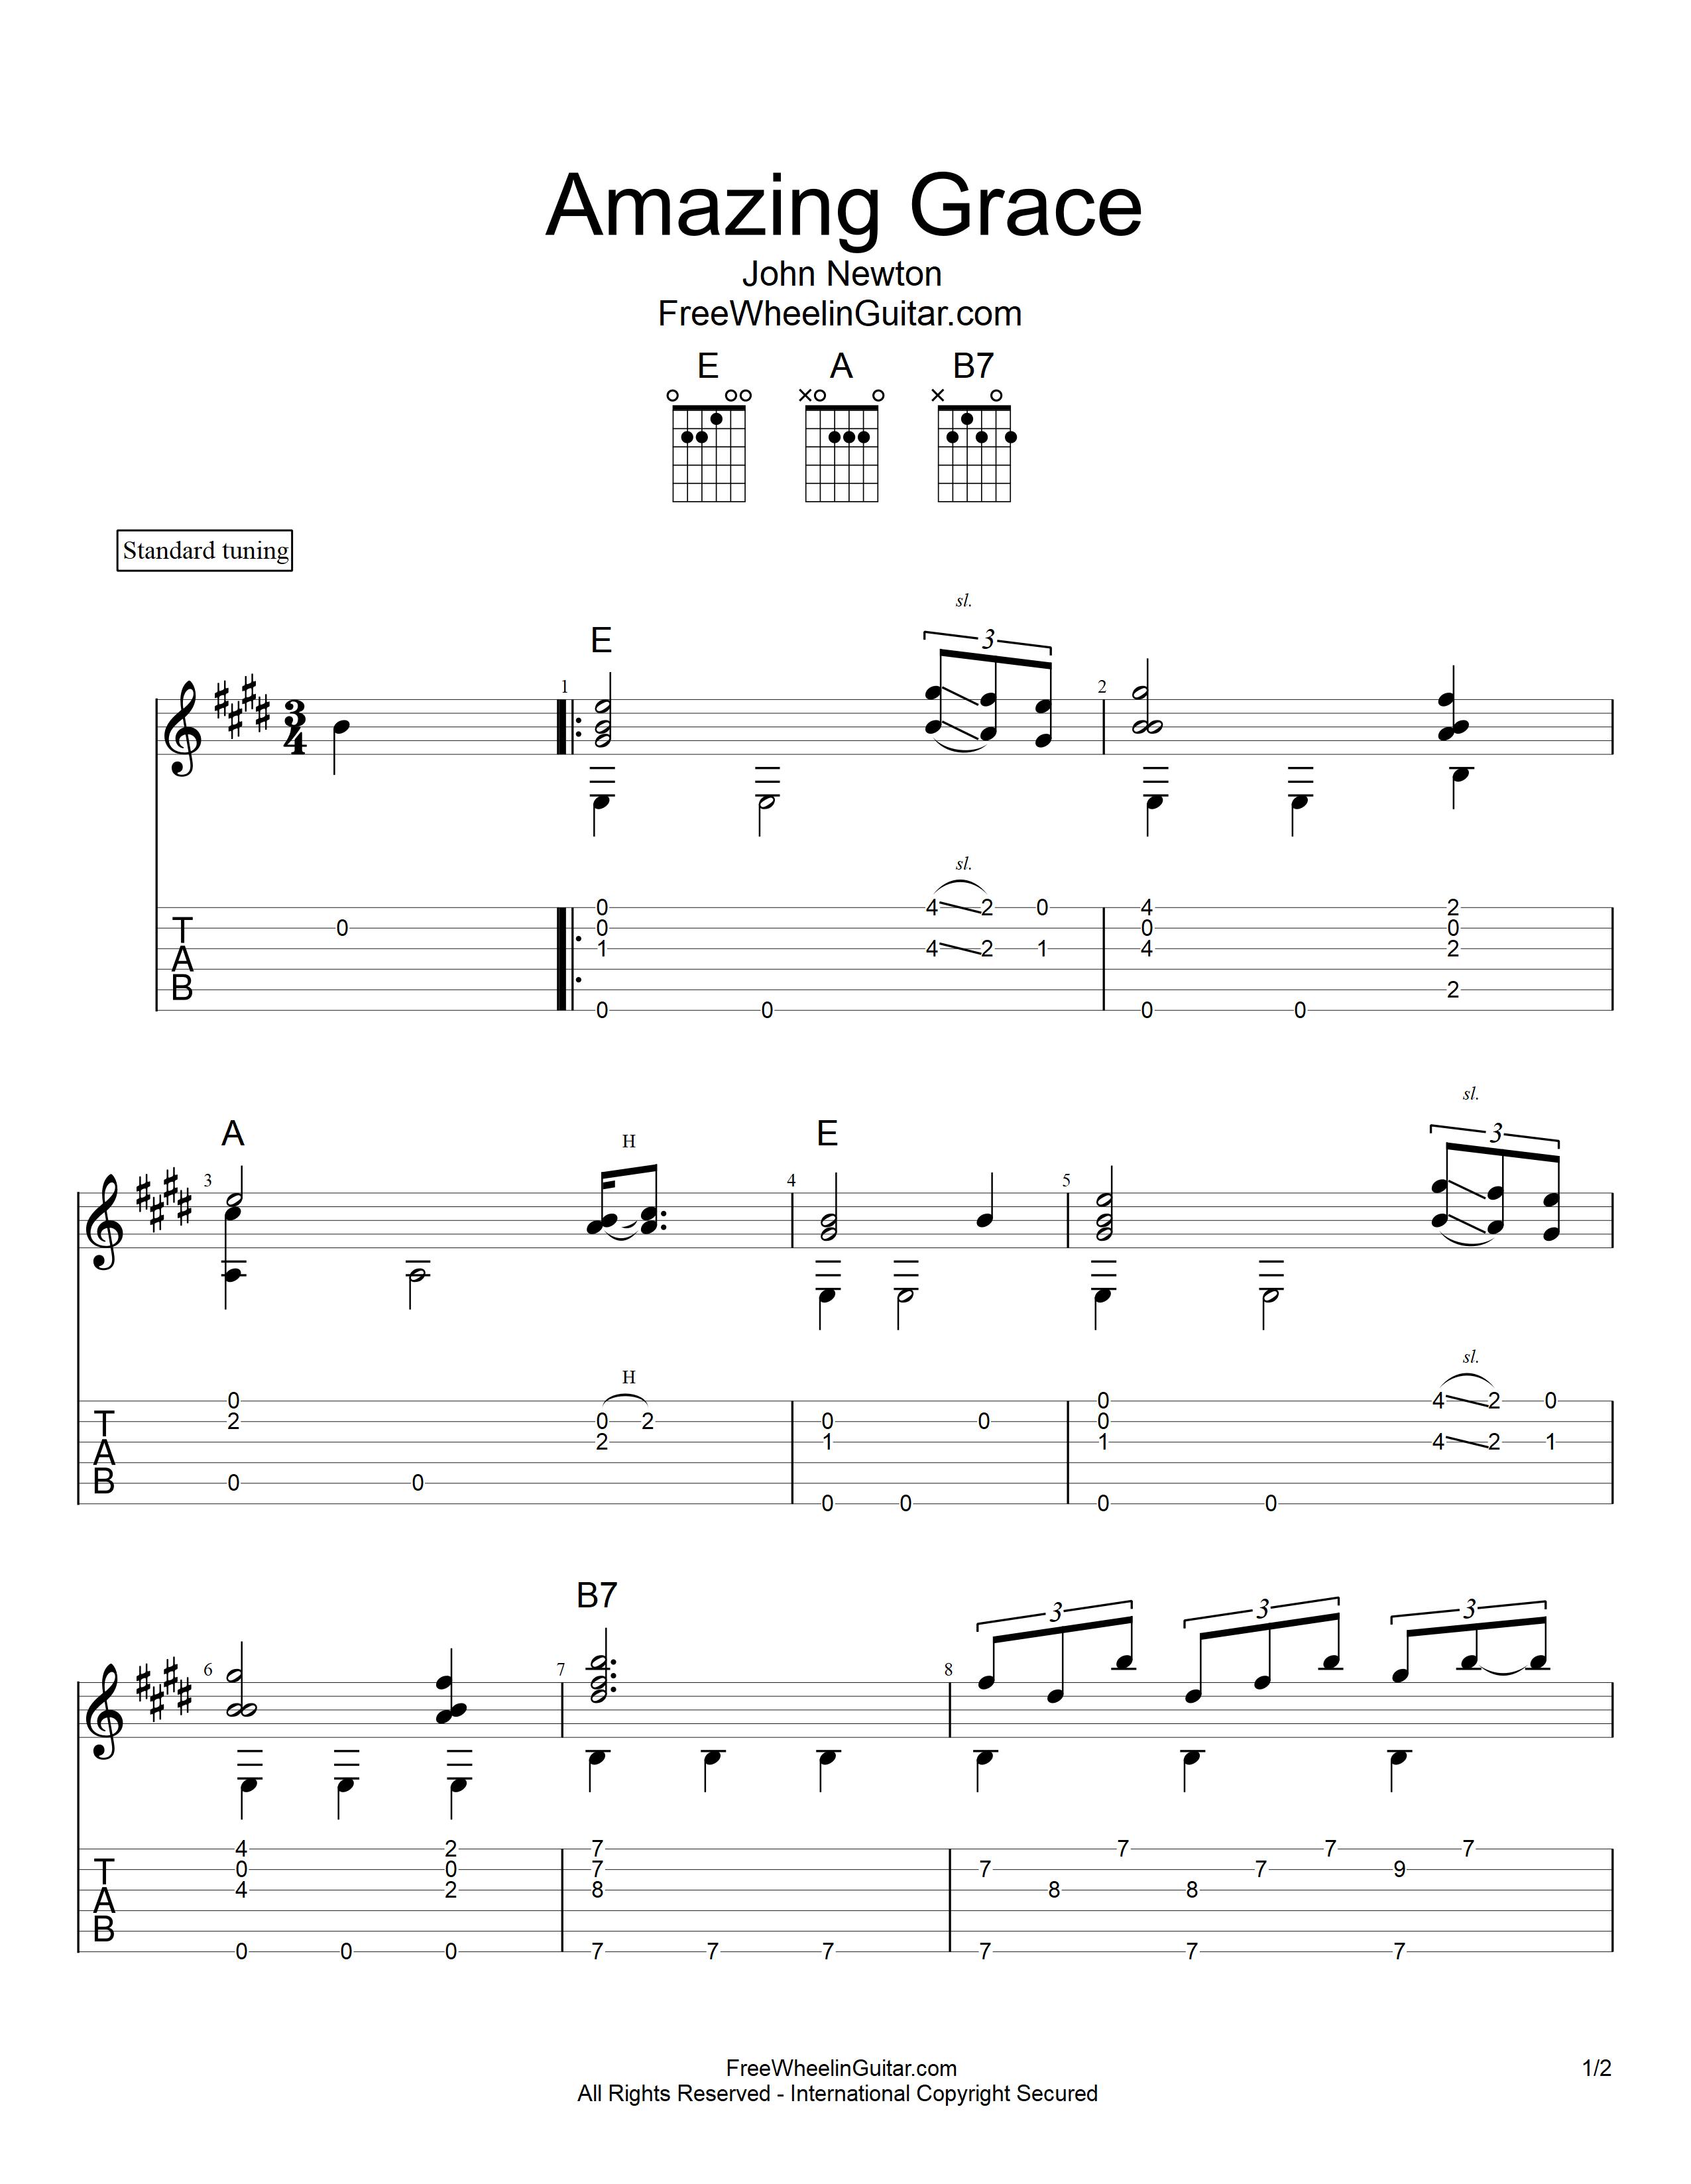 Amazing Grace - Tab & Sheet Music | FreeWheelinGuitar com